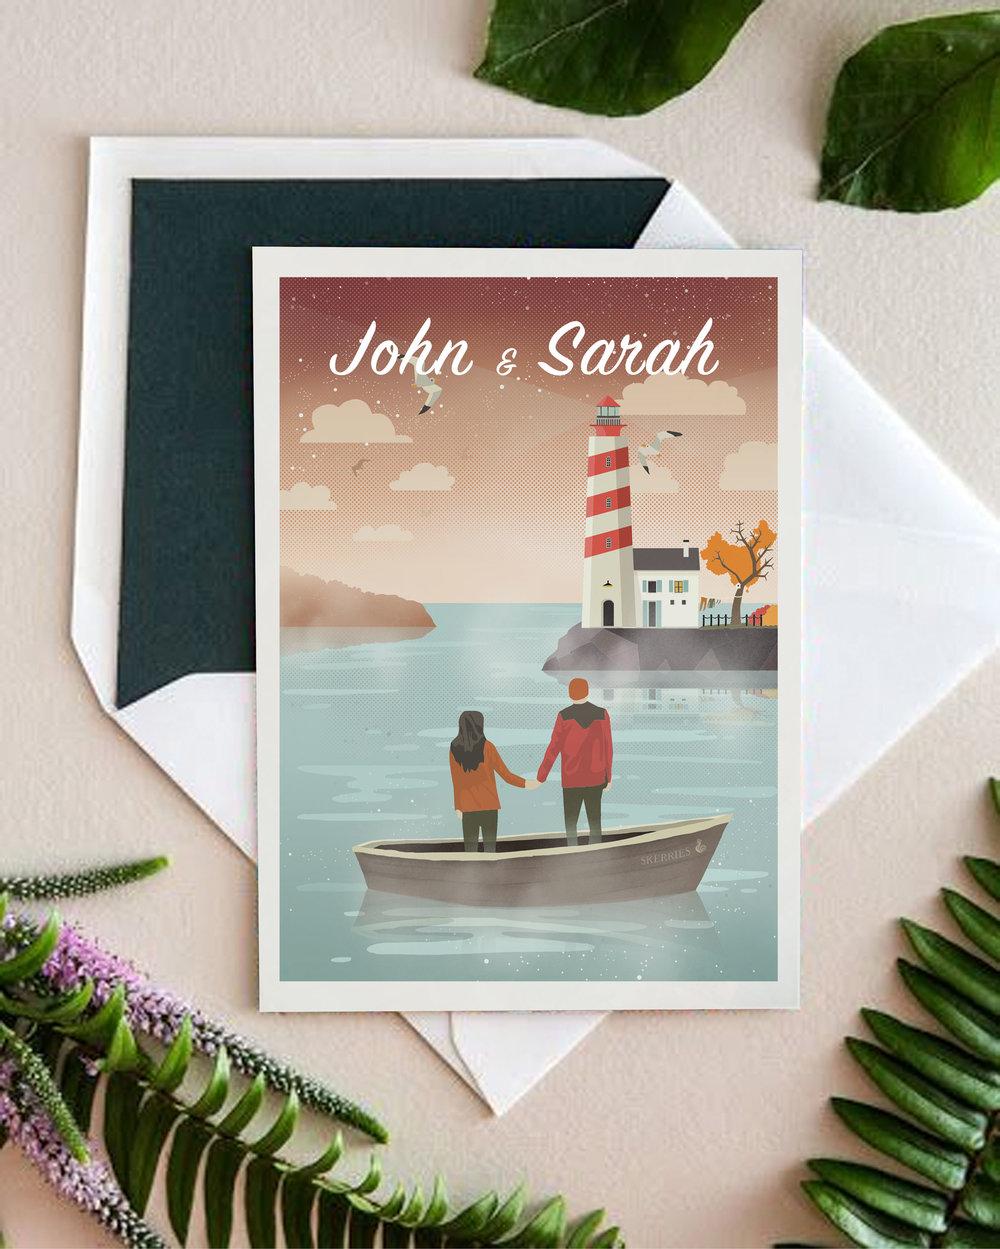 Reddin-designs-Wedding-invite-couple-in-boat.jpg